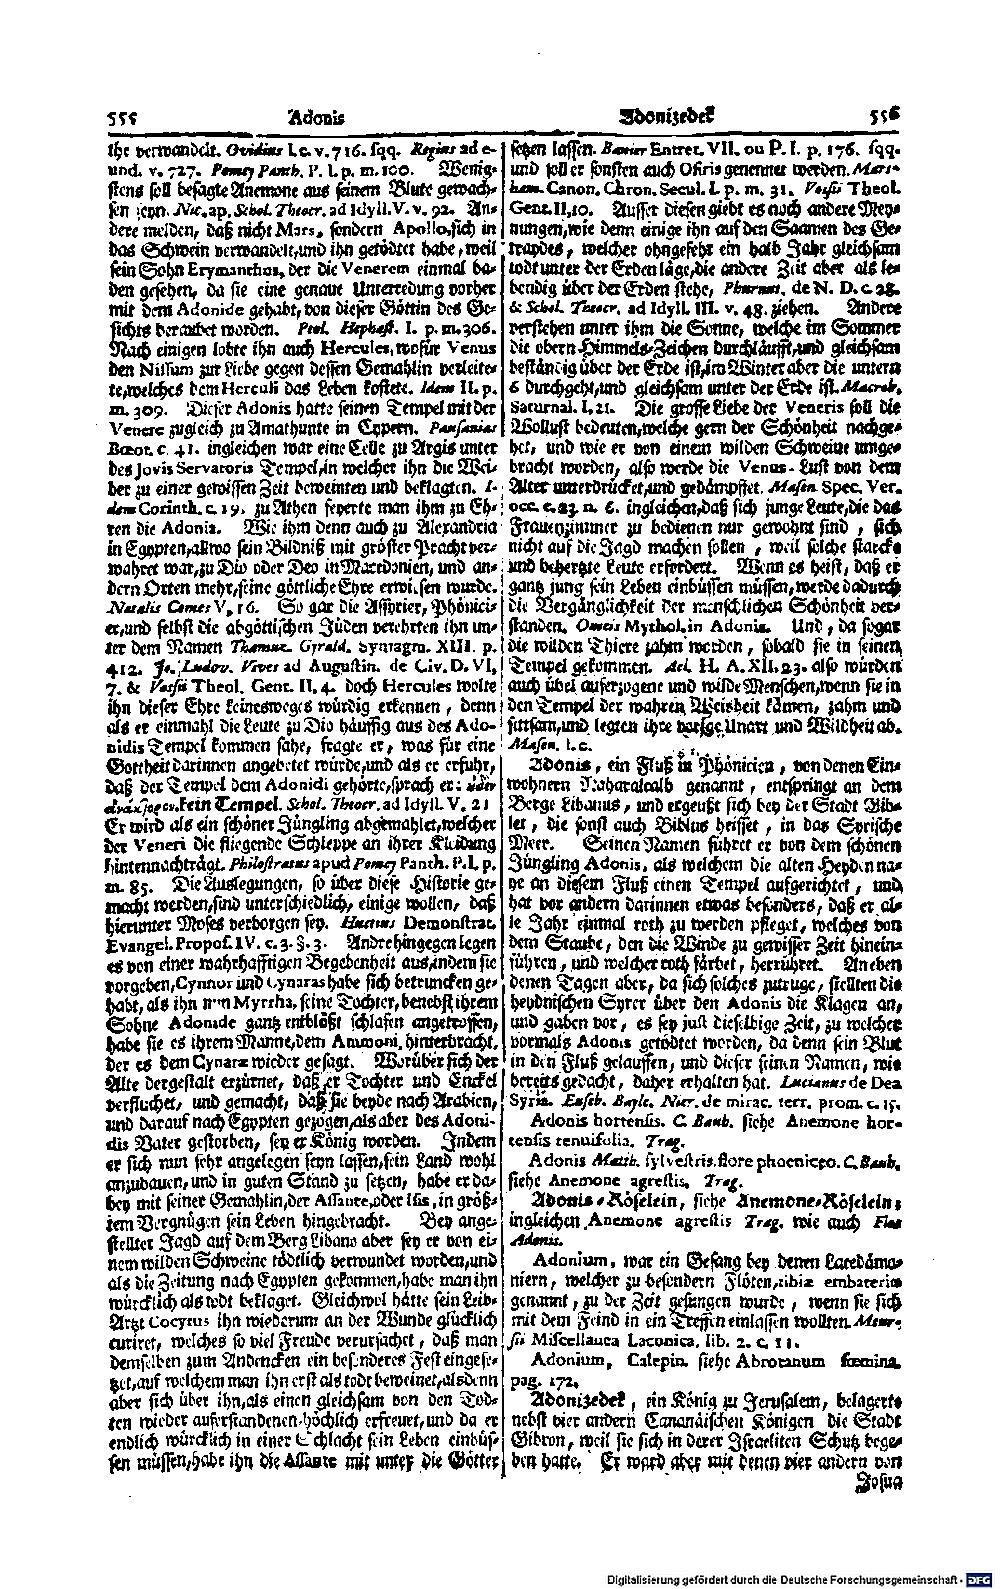 Bd. 01, Seite 0317.